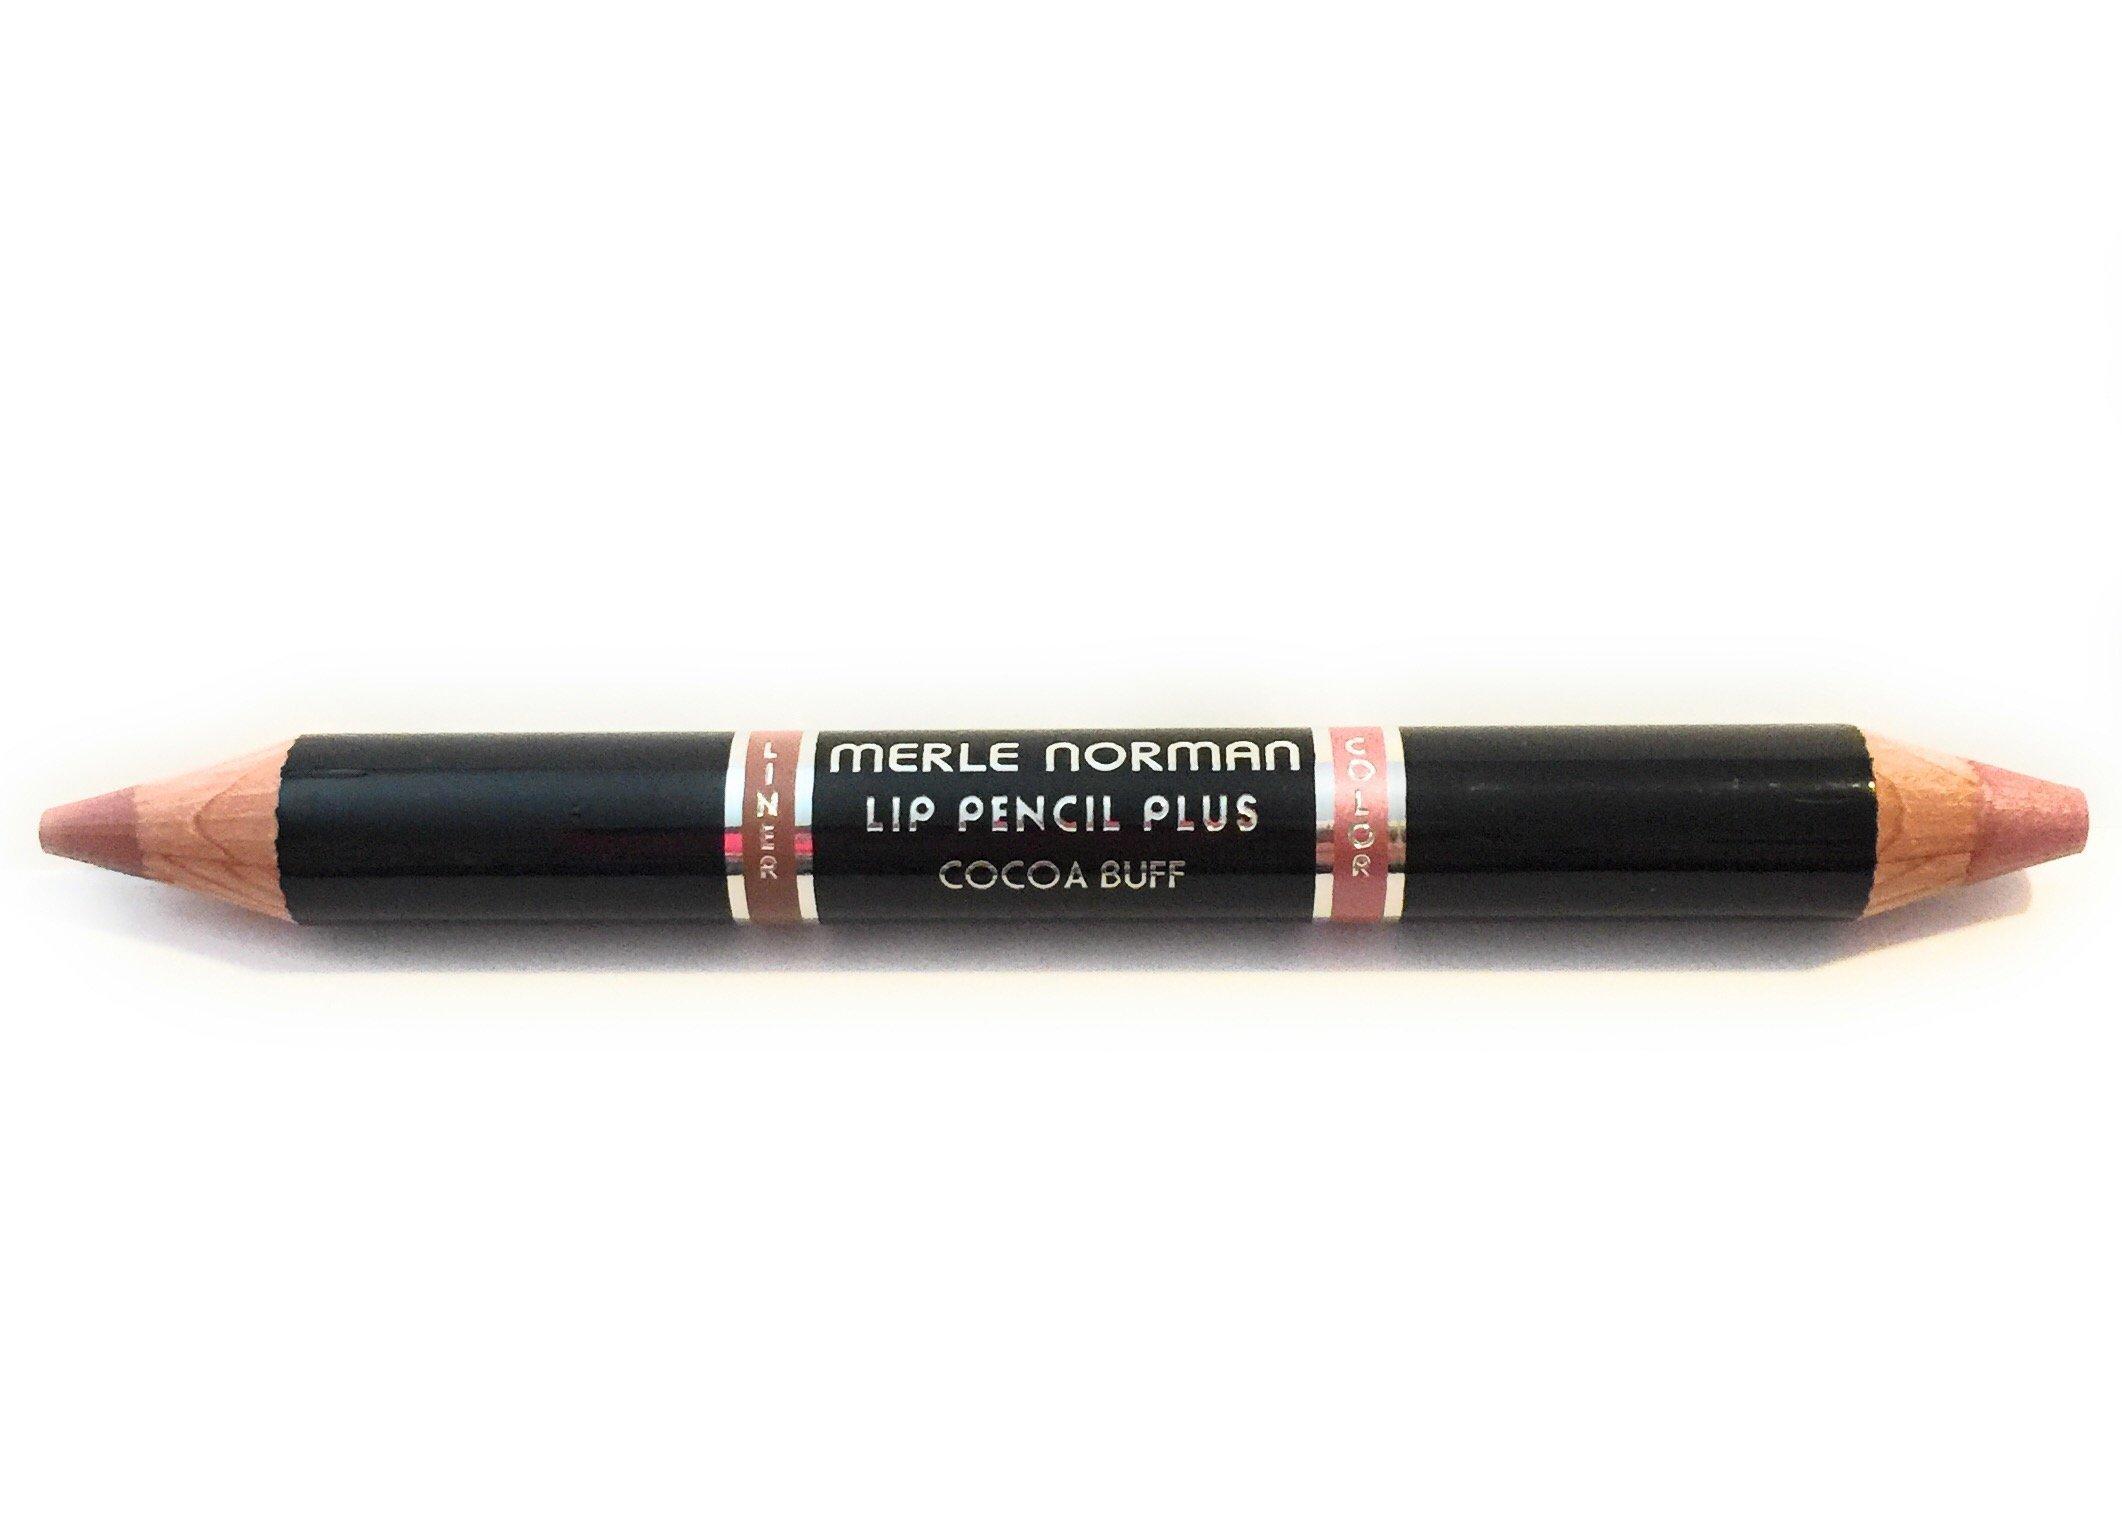 Merle Norman Lip Pencil Plus - Cocoa Buff